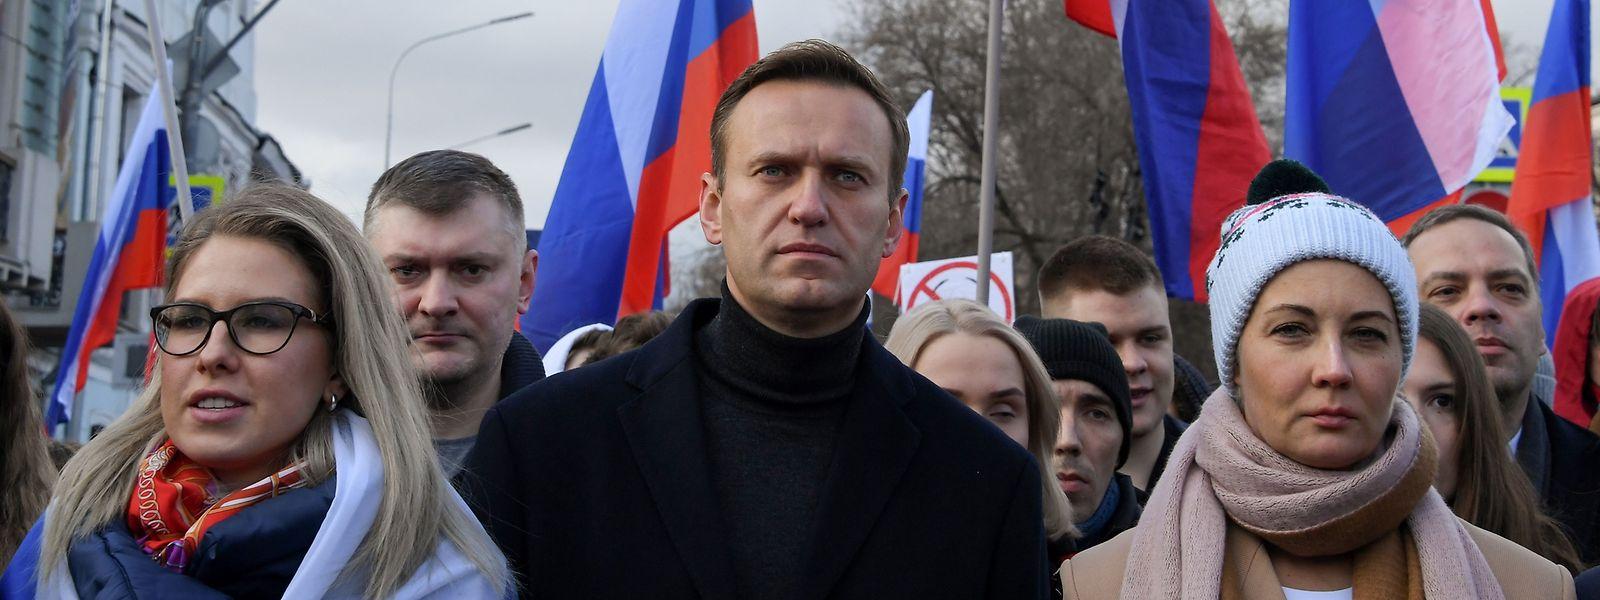 Alexei Navalny numa manifestação anti-Kremlin, em Moscovo, a 29 de fevereiro deste ano.